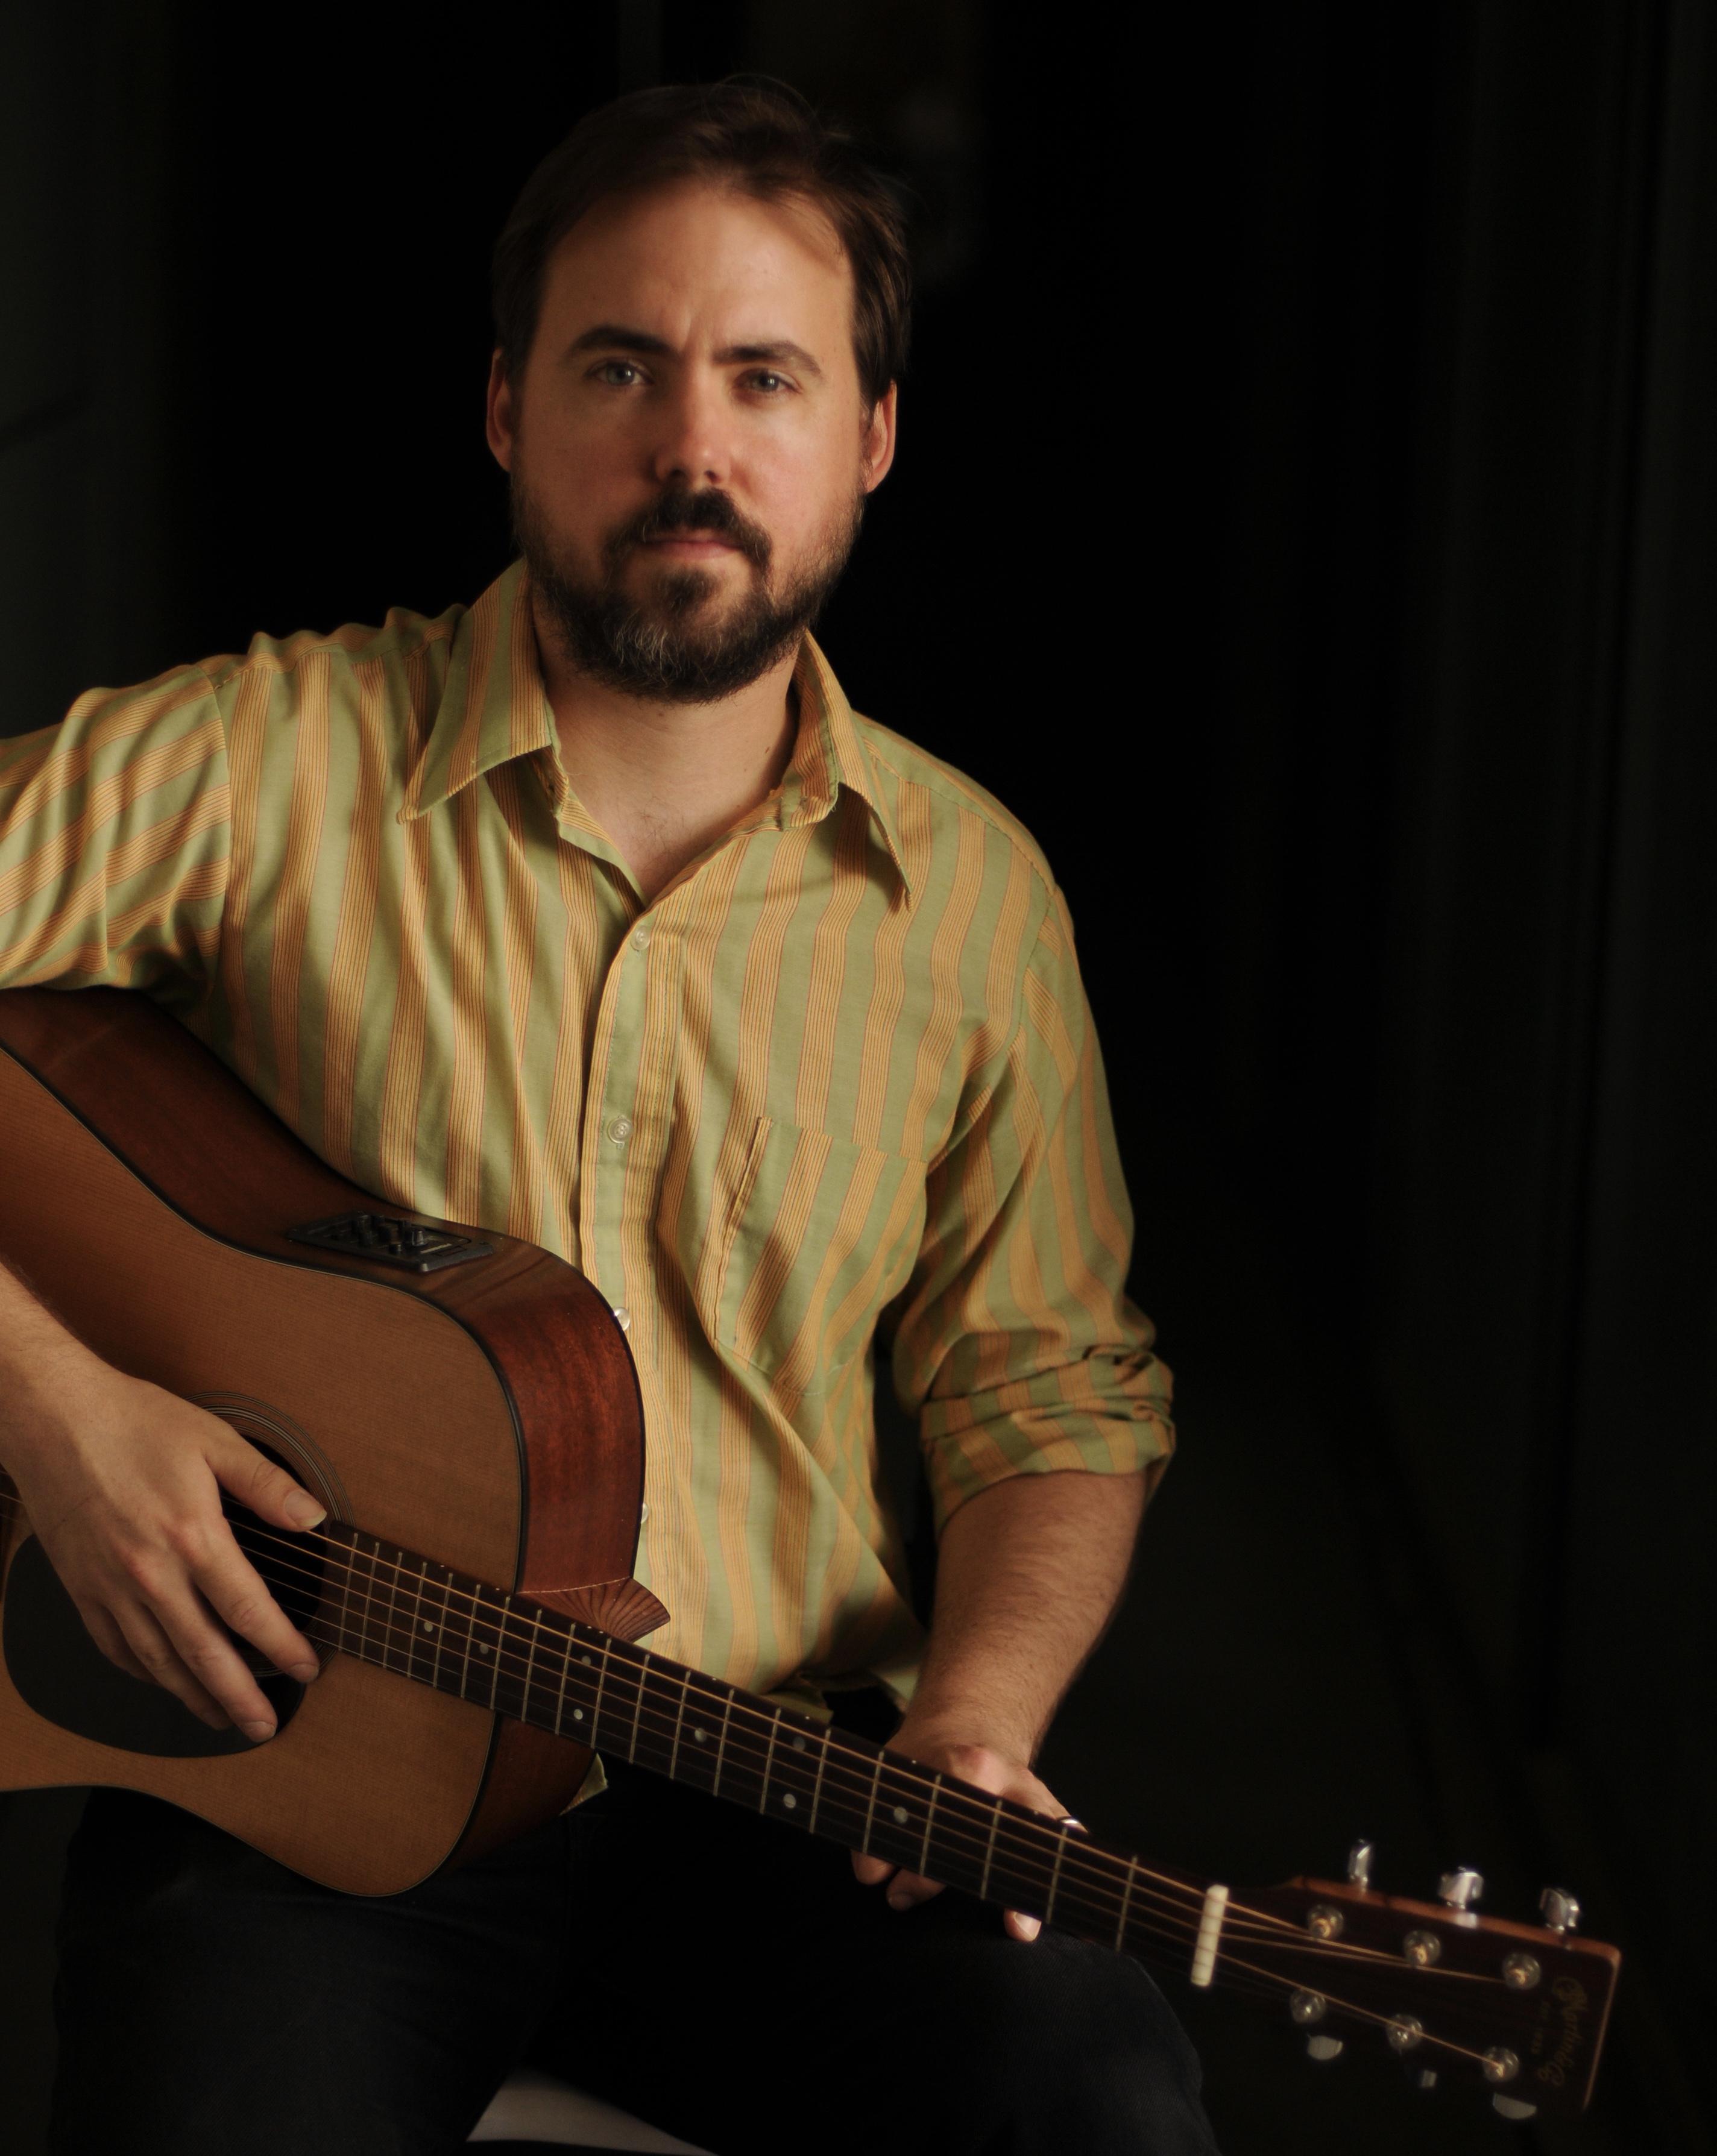 guitar lessons in baltimore md huber guitar studio blues rock jazz folk. Black Bedroom Furniture Sets. Home Design Ideas